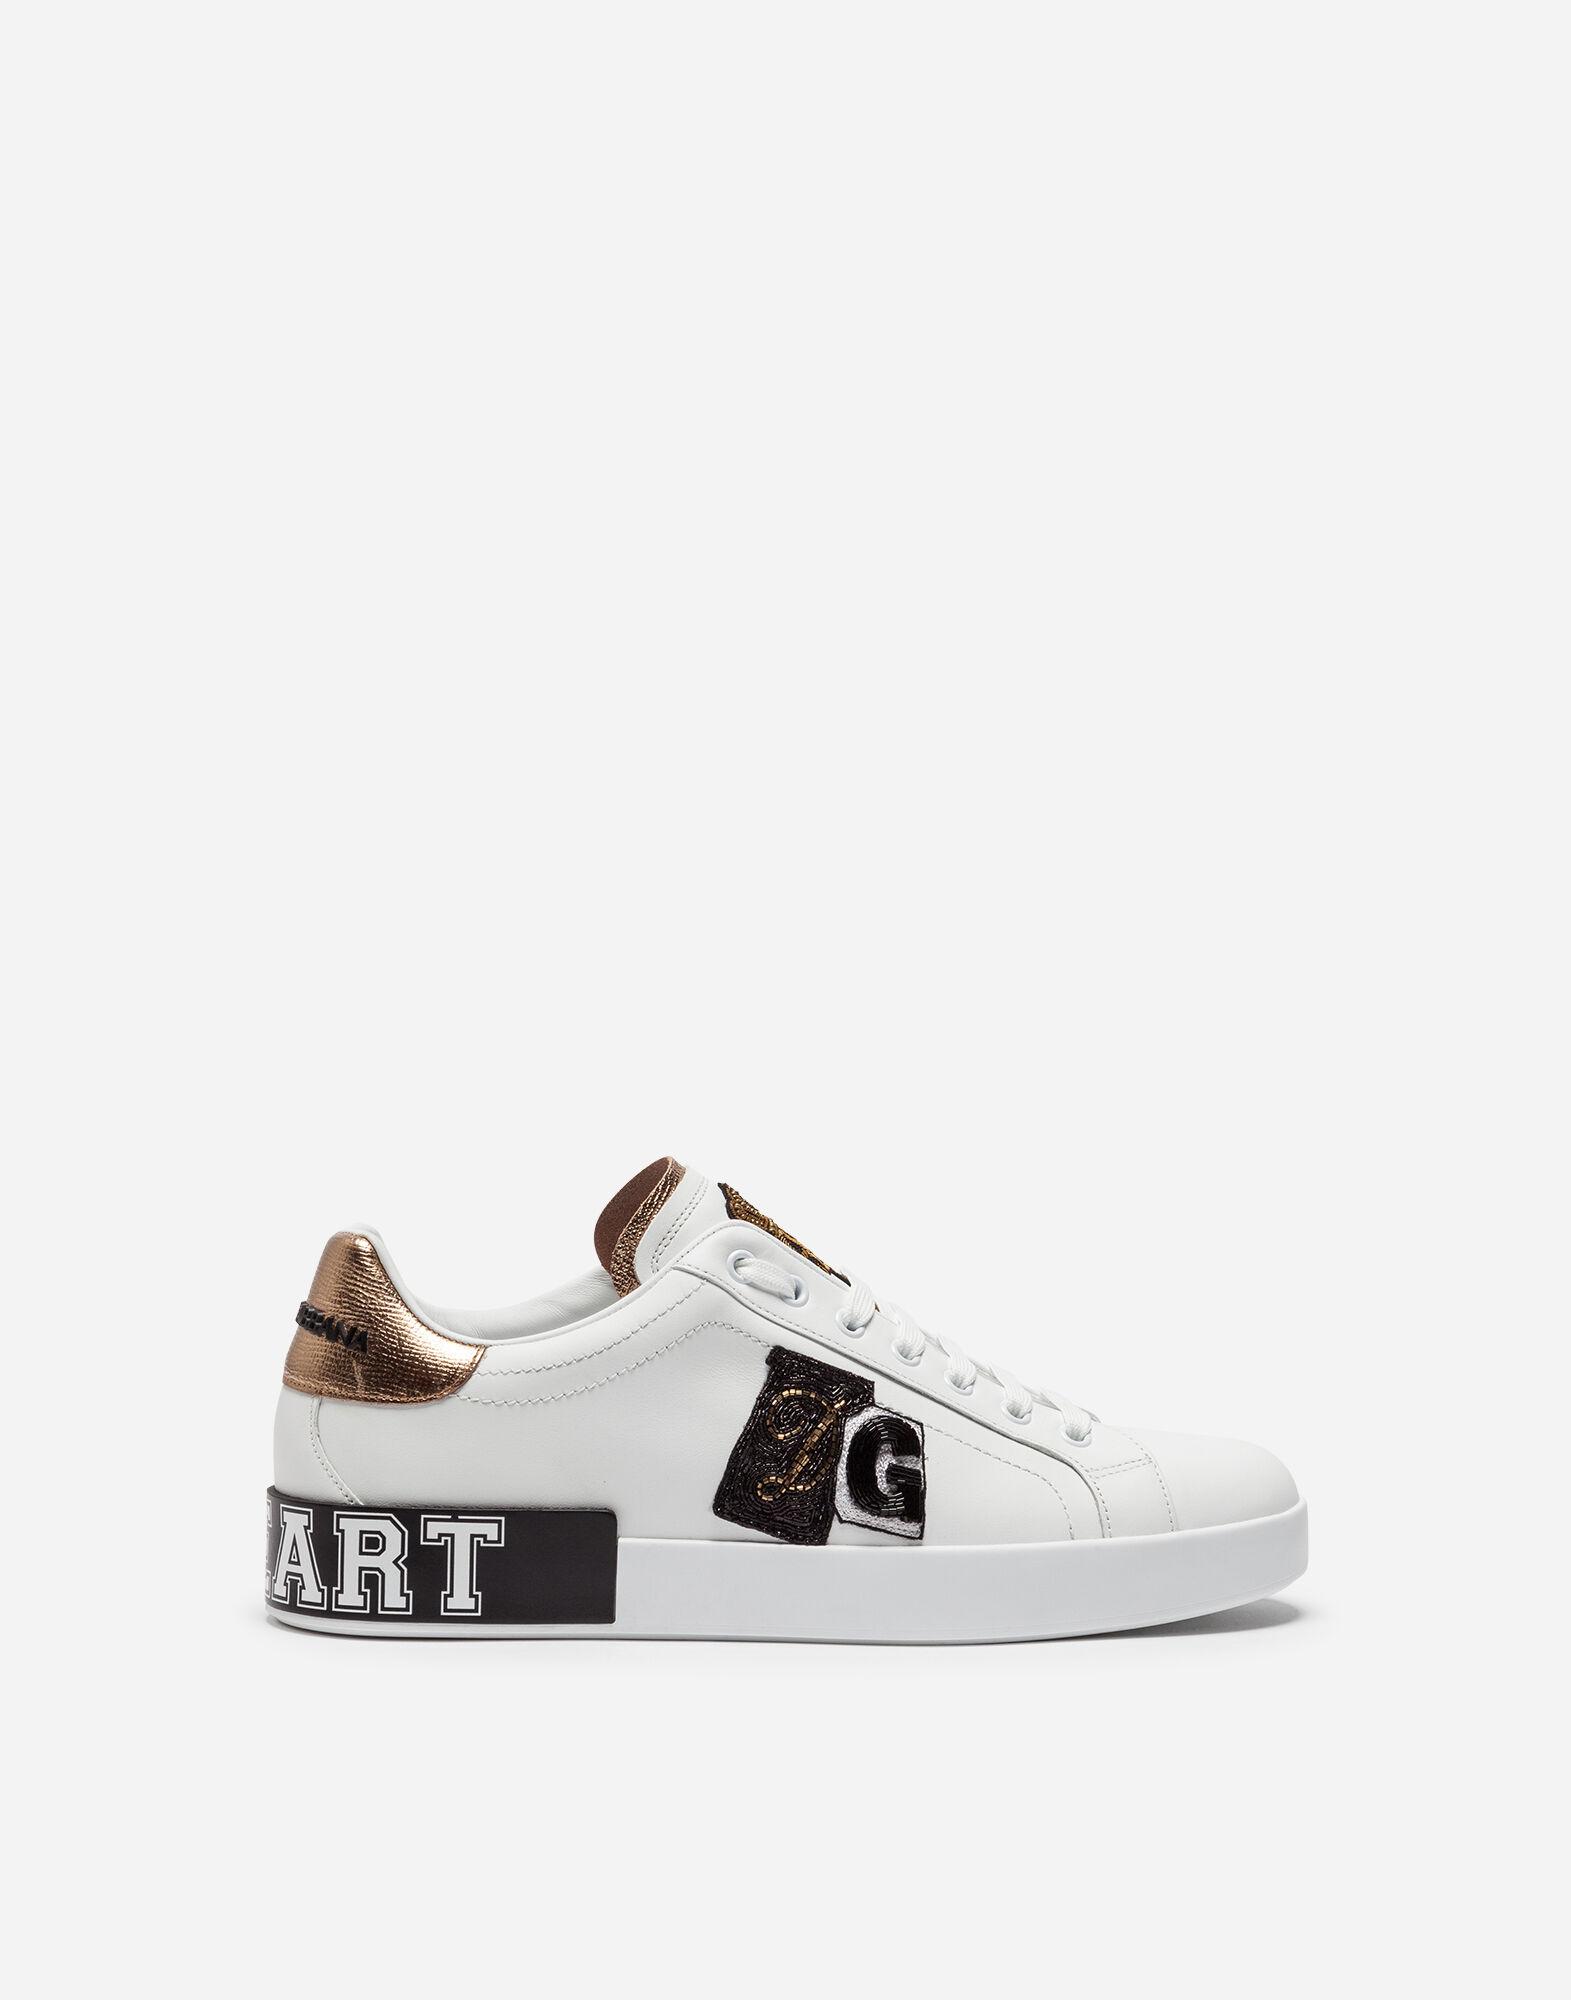 f8f045ebf4ec0 La foto se est谩 cargando Gucci Para Mujer Zapatillas Zapatos Tenis 309802  Mod